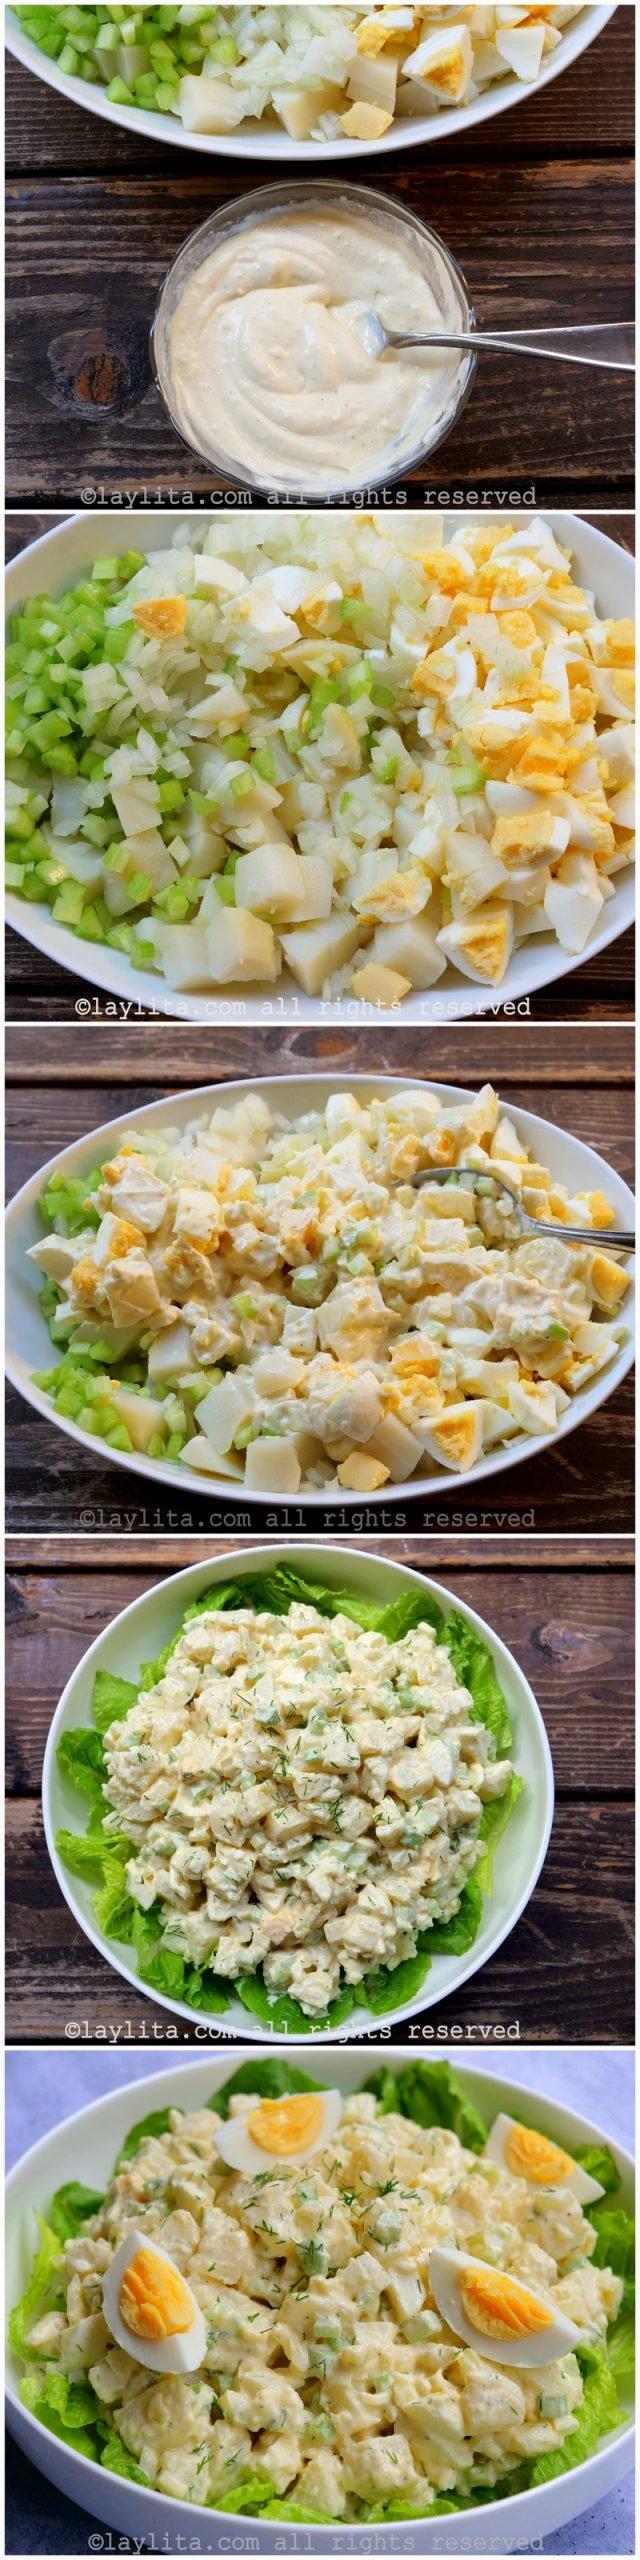 Preparación paso a paso de la ensalada de papas y huevo